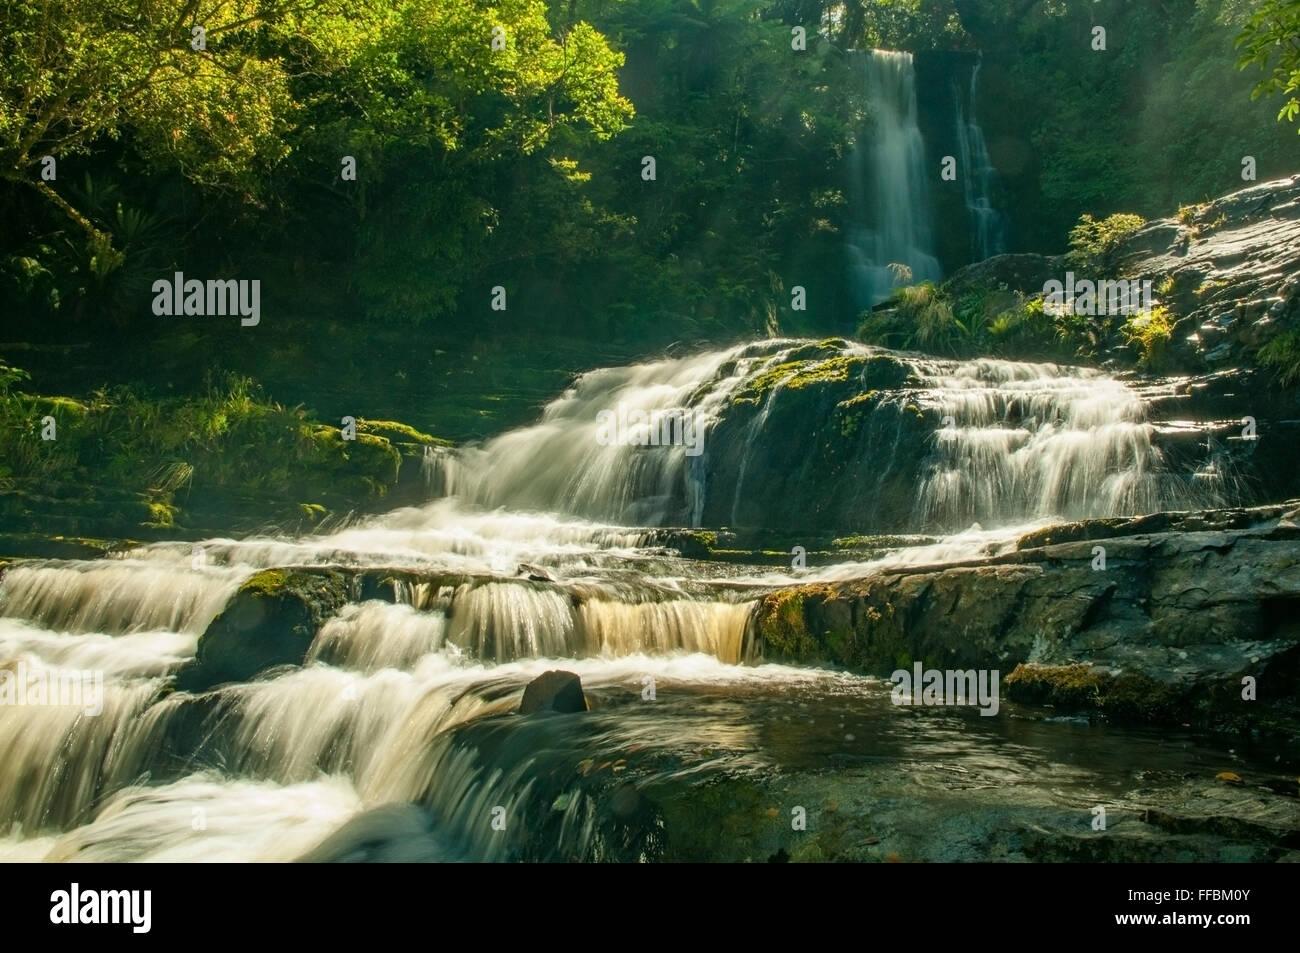 Purakaunui Falls, la Catlins, île du Sud, Nouvelle-Zélande Banque D'Images